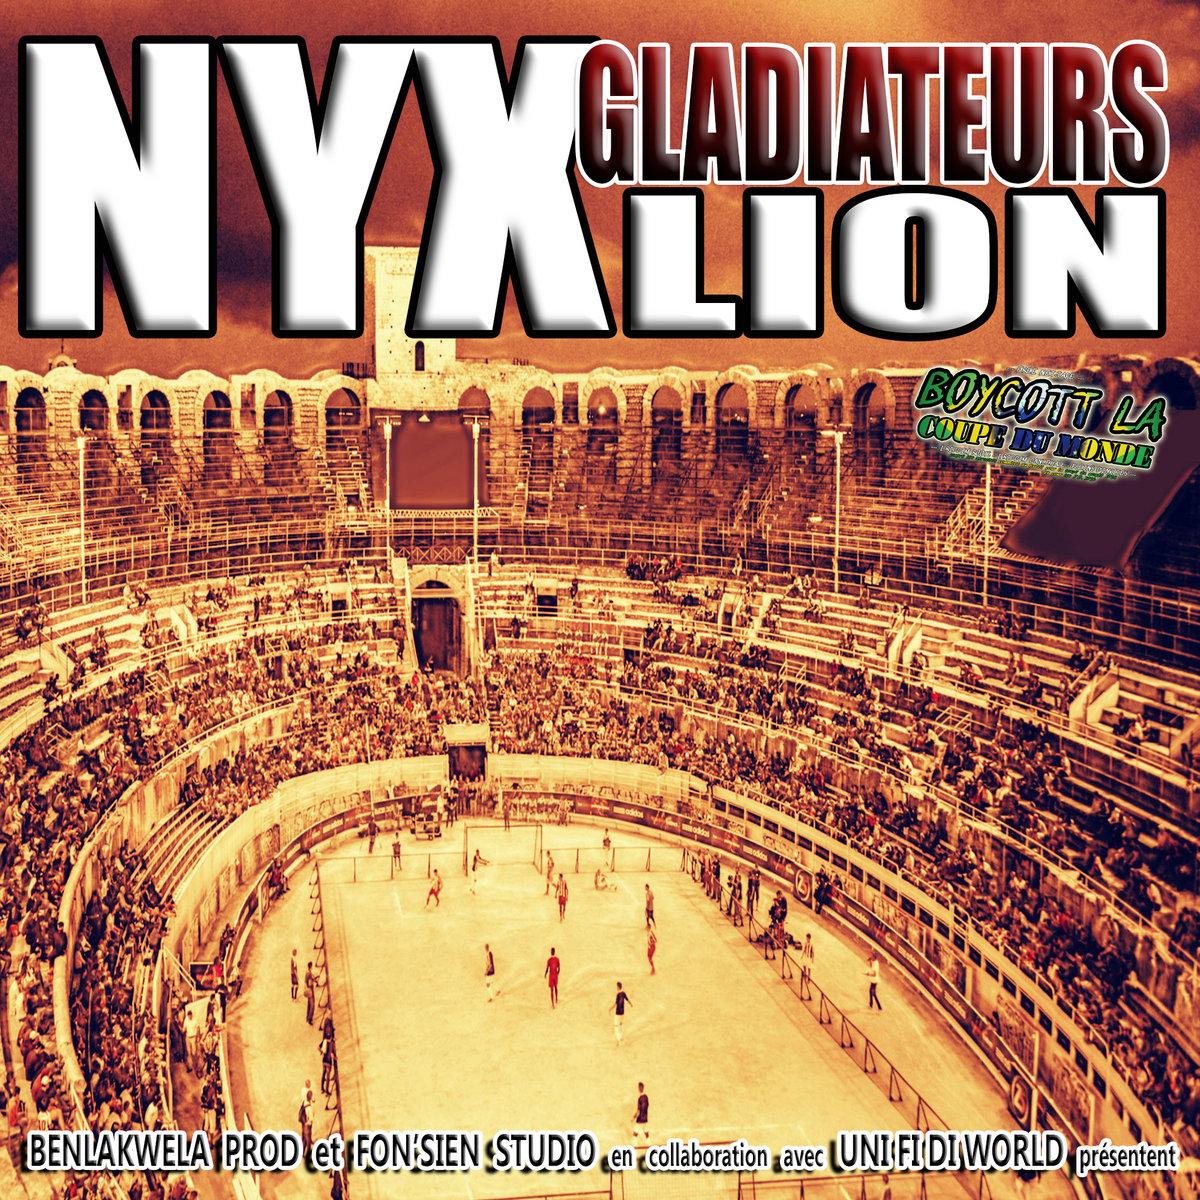 NYX LION - Gladiateurs - 2016   NYX LION Reggae Singer